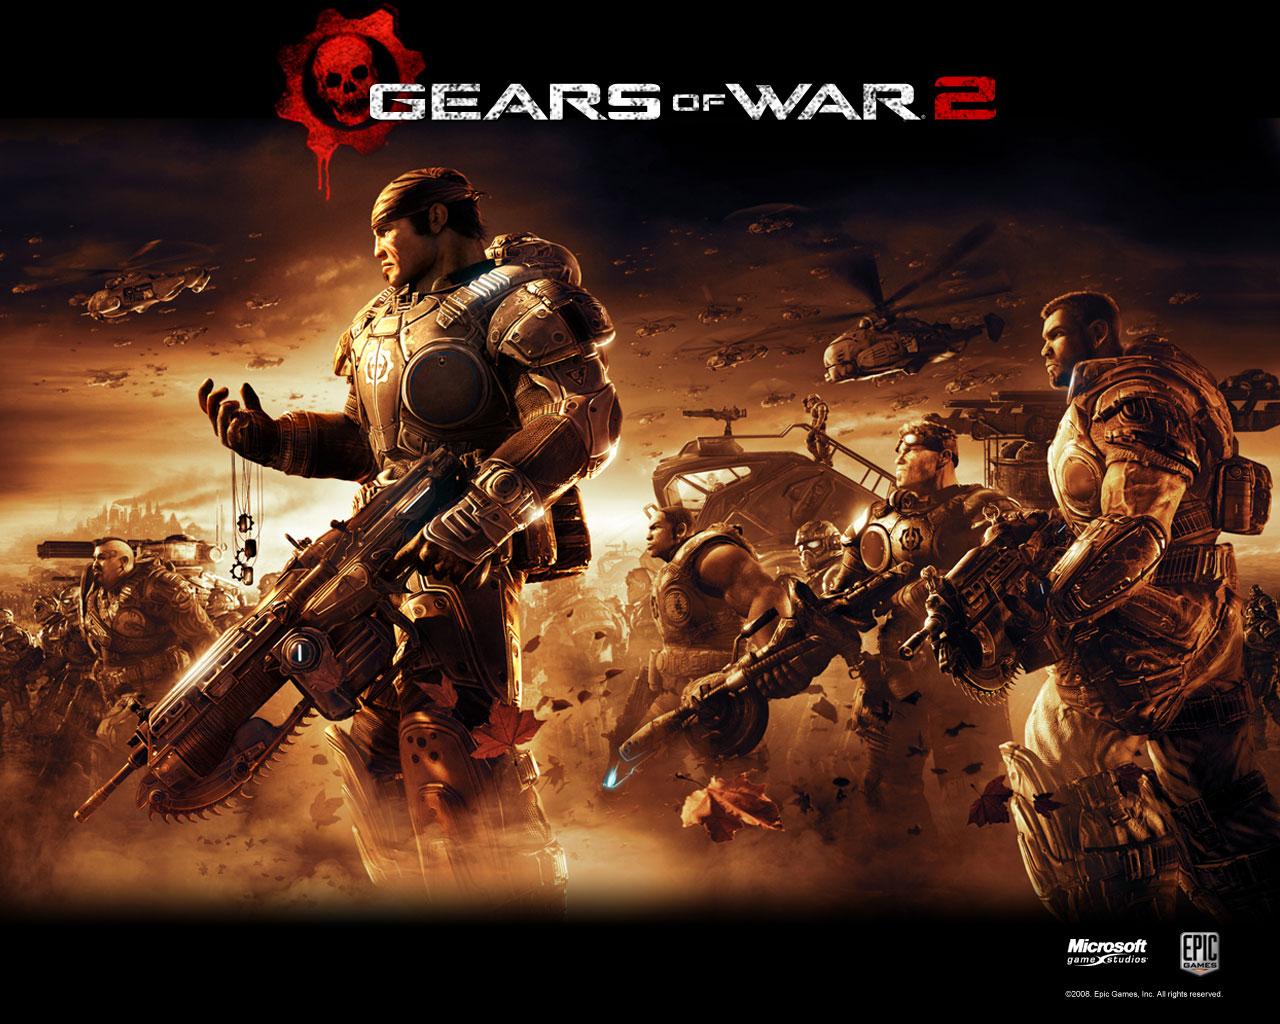 http://1.bp.blogspot.com/-Mj-0rWXyFkg/Tvqp6VCdQrI/AAAAAAAAKSM/CPtyl0oGdBE/s1600/3434-video_games_gears_of_war_2_wallpaper.jpg